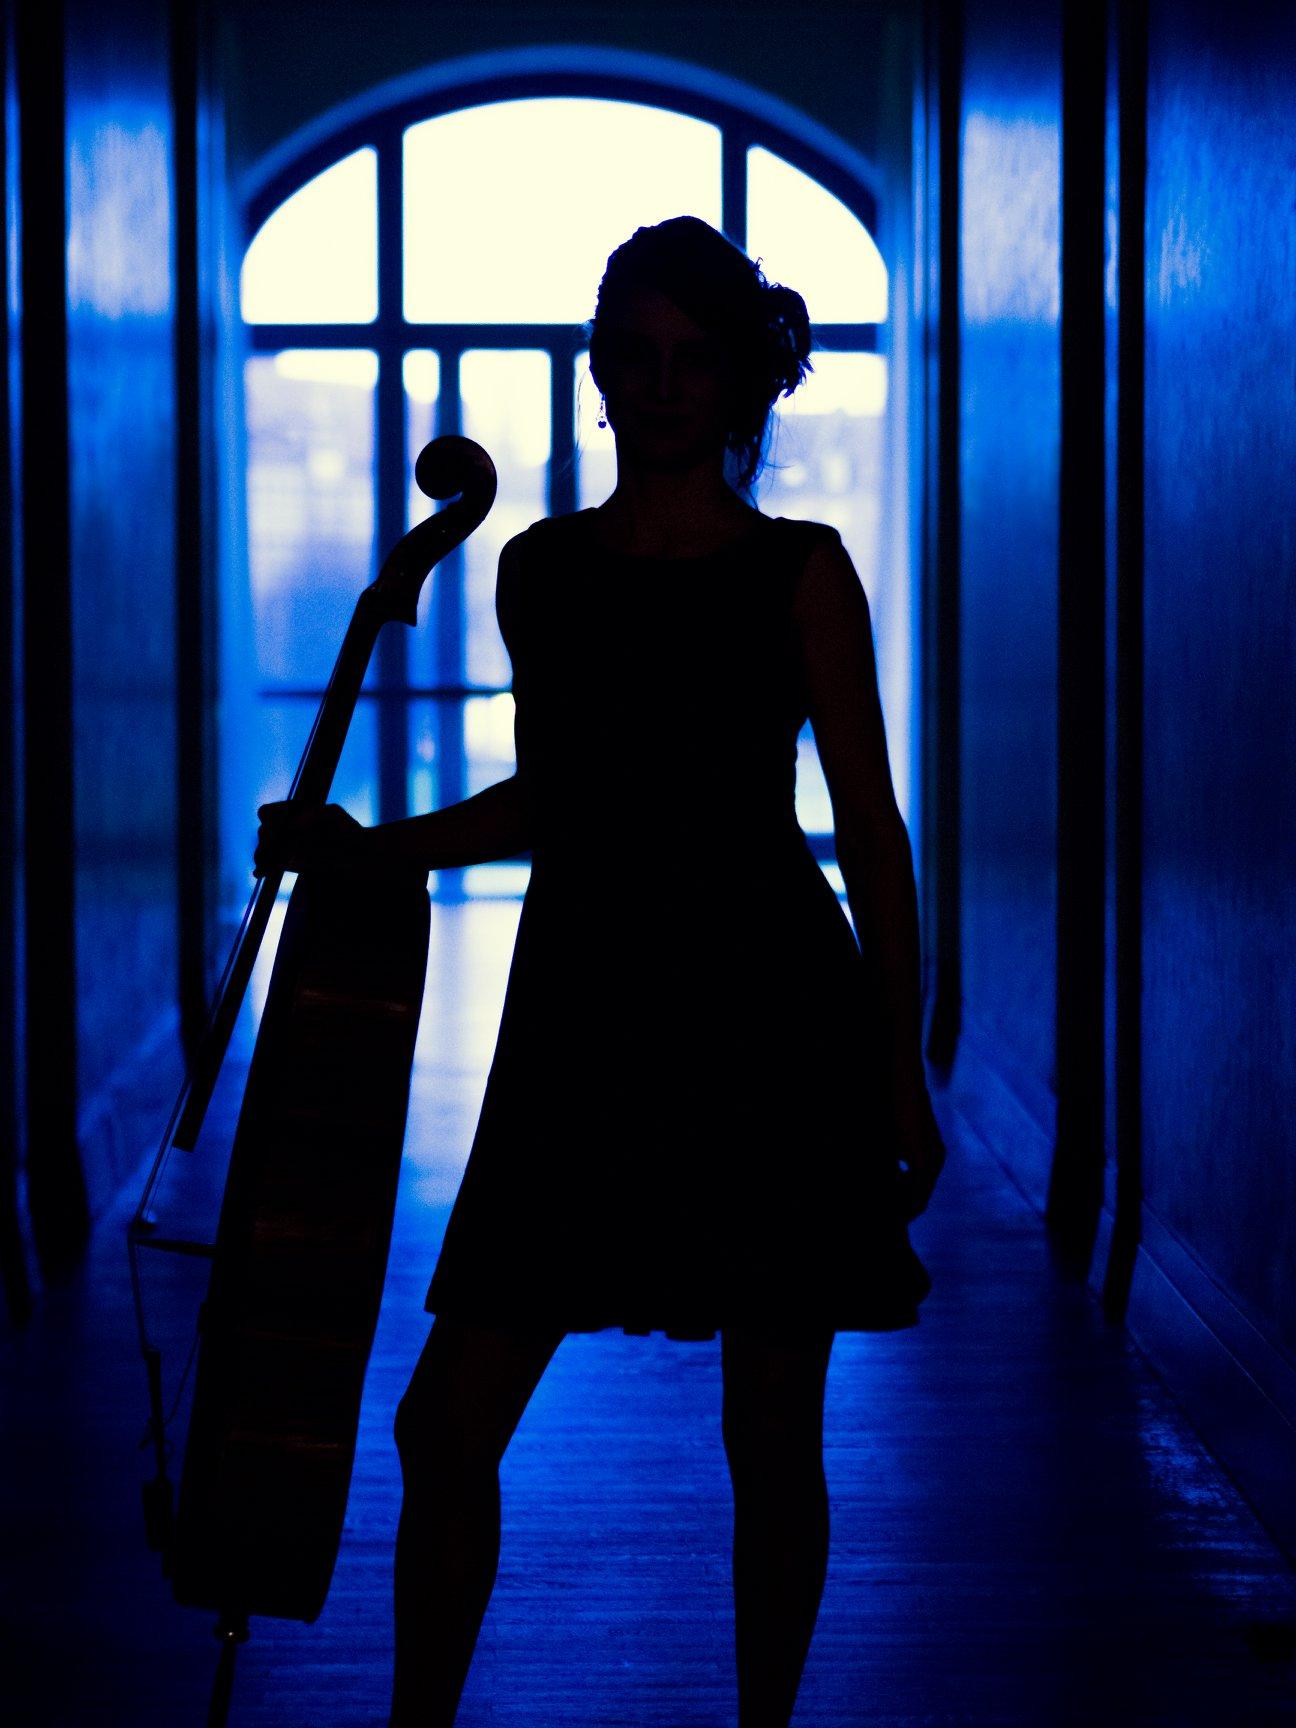 Silhouette, stehend, Cello